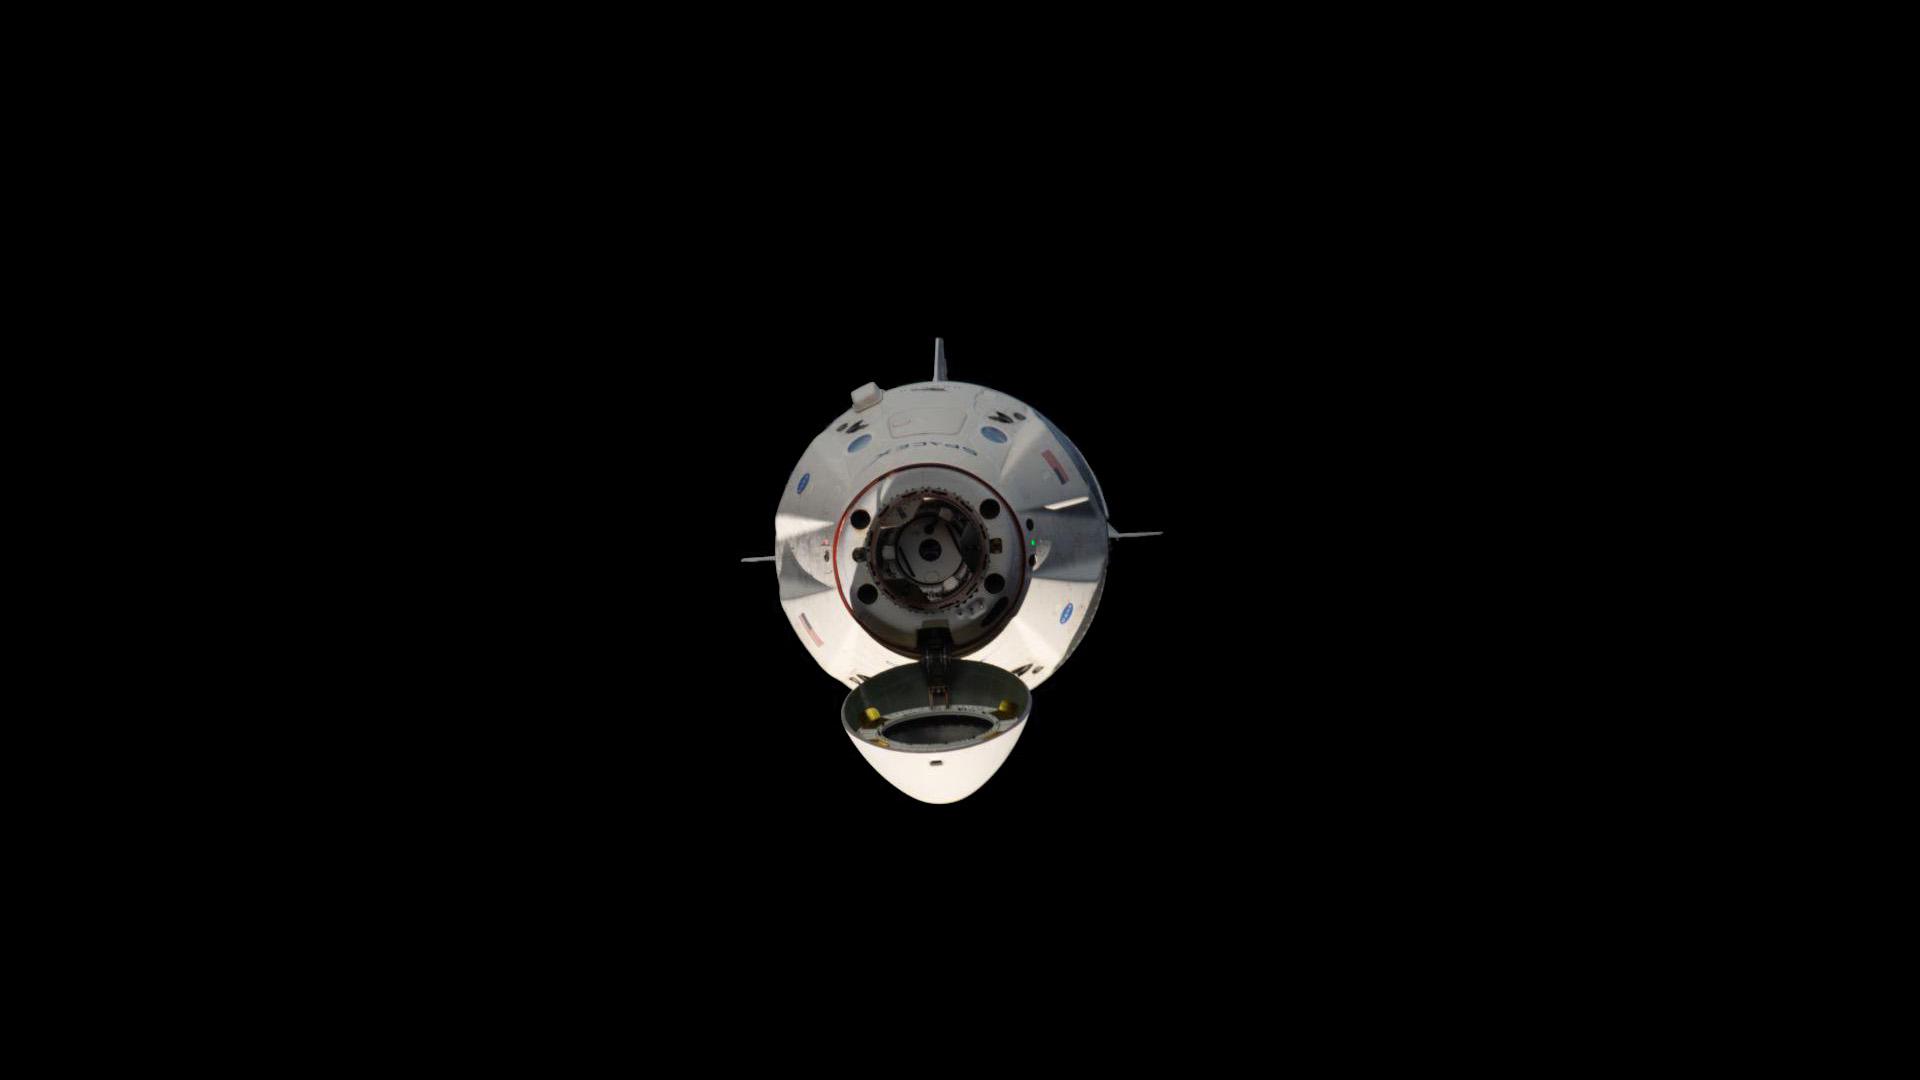 La future capsule habitée de SpaceX a connu une grave « anomalie